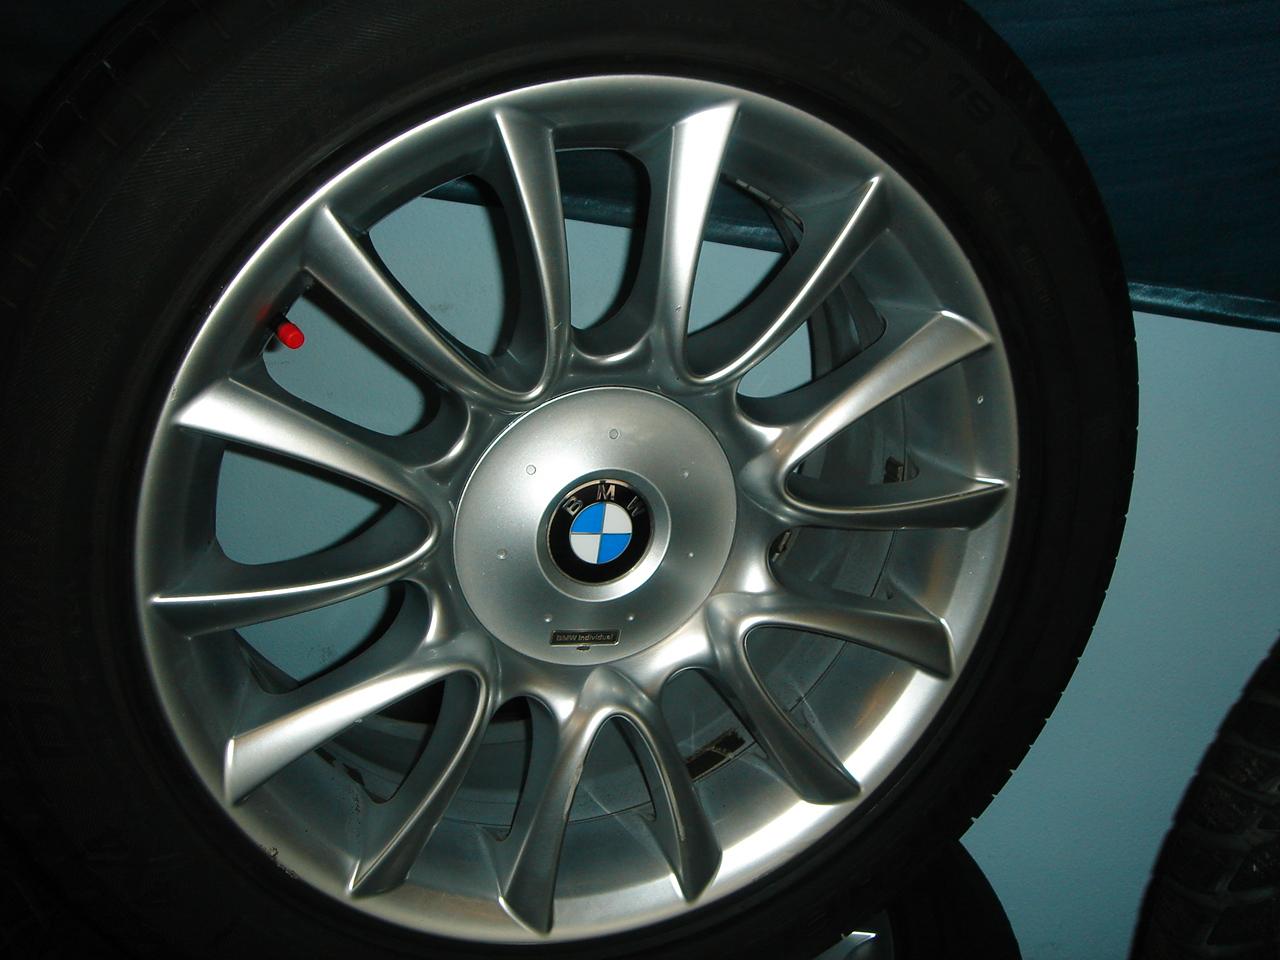 Použitá a nová kompletní kola a náhradní díly na vozy BMW, České Budějovice.